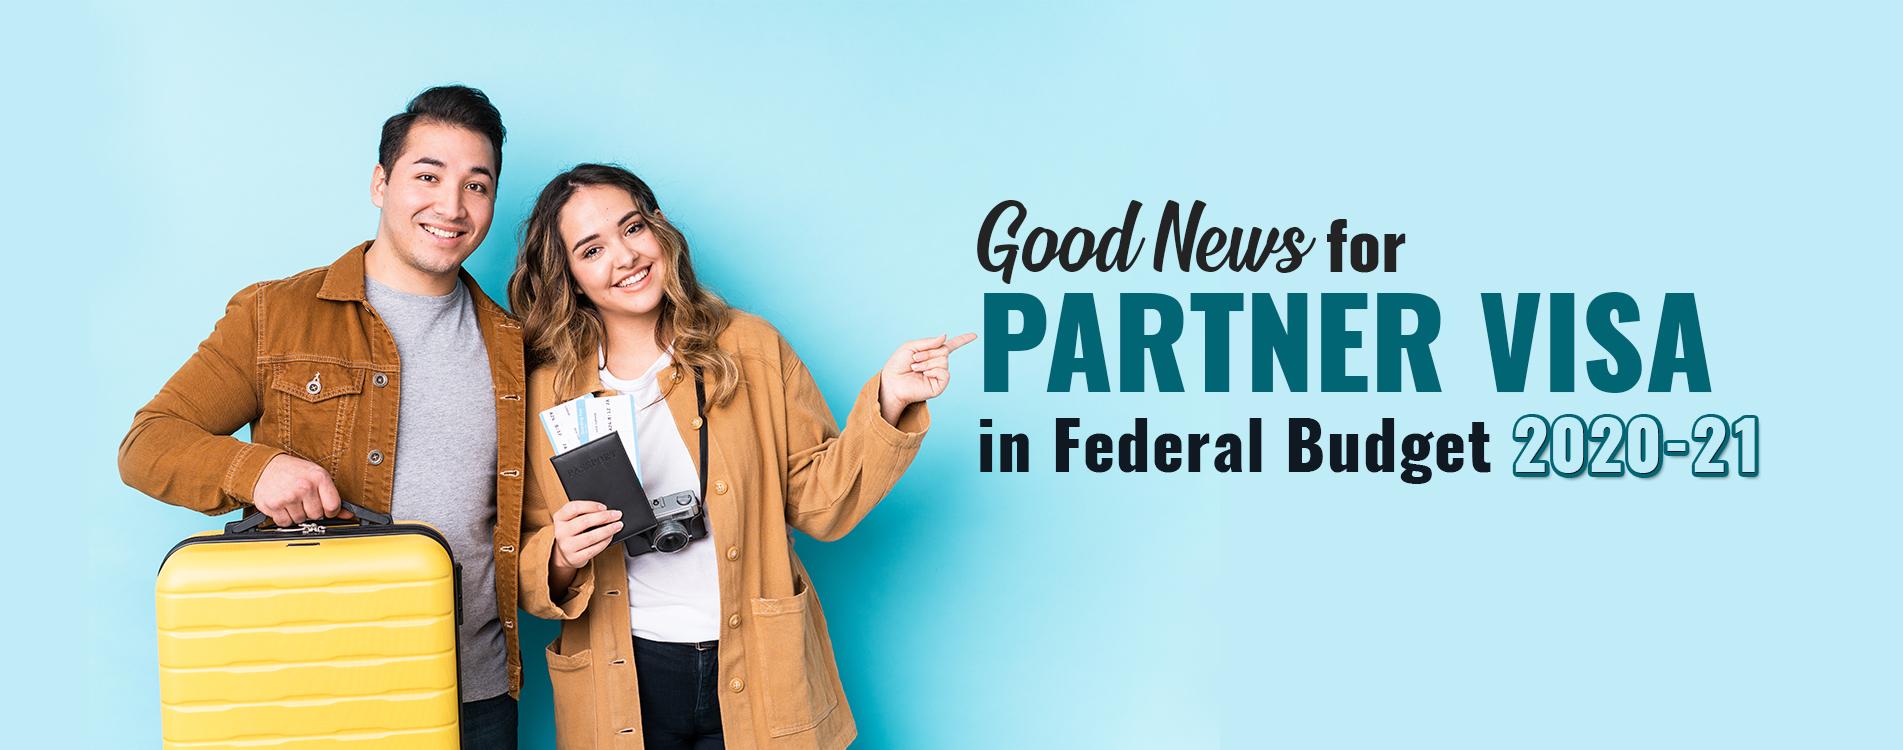 Good News for Partner Visa in Federal Budget 2020-21